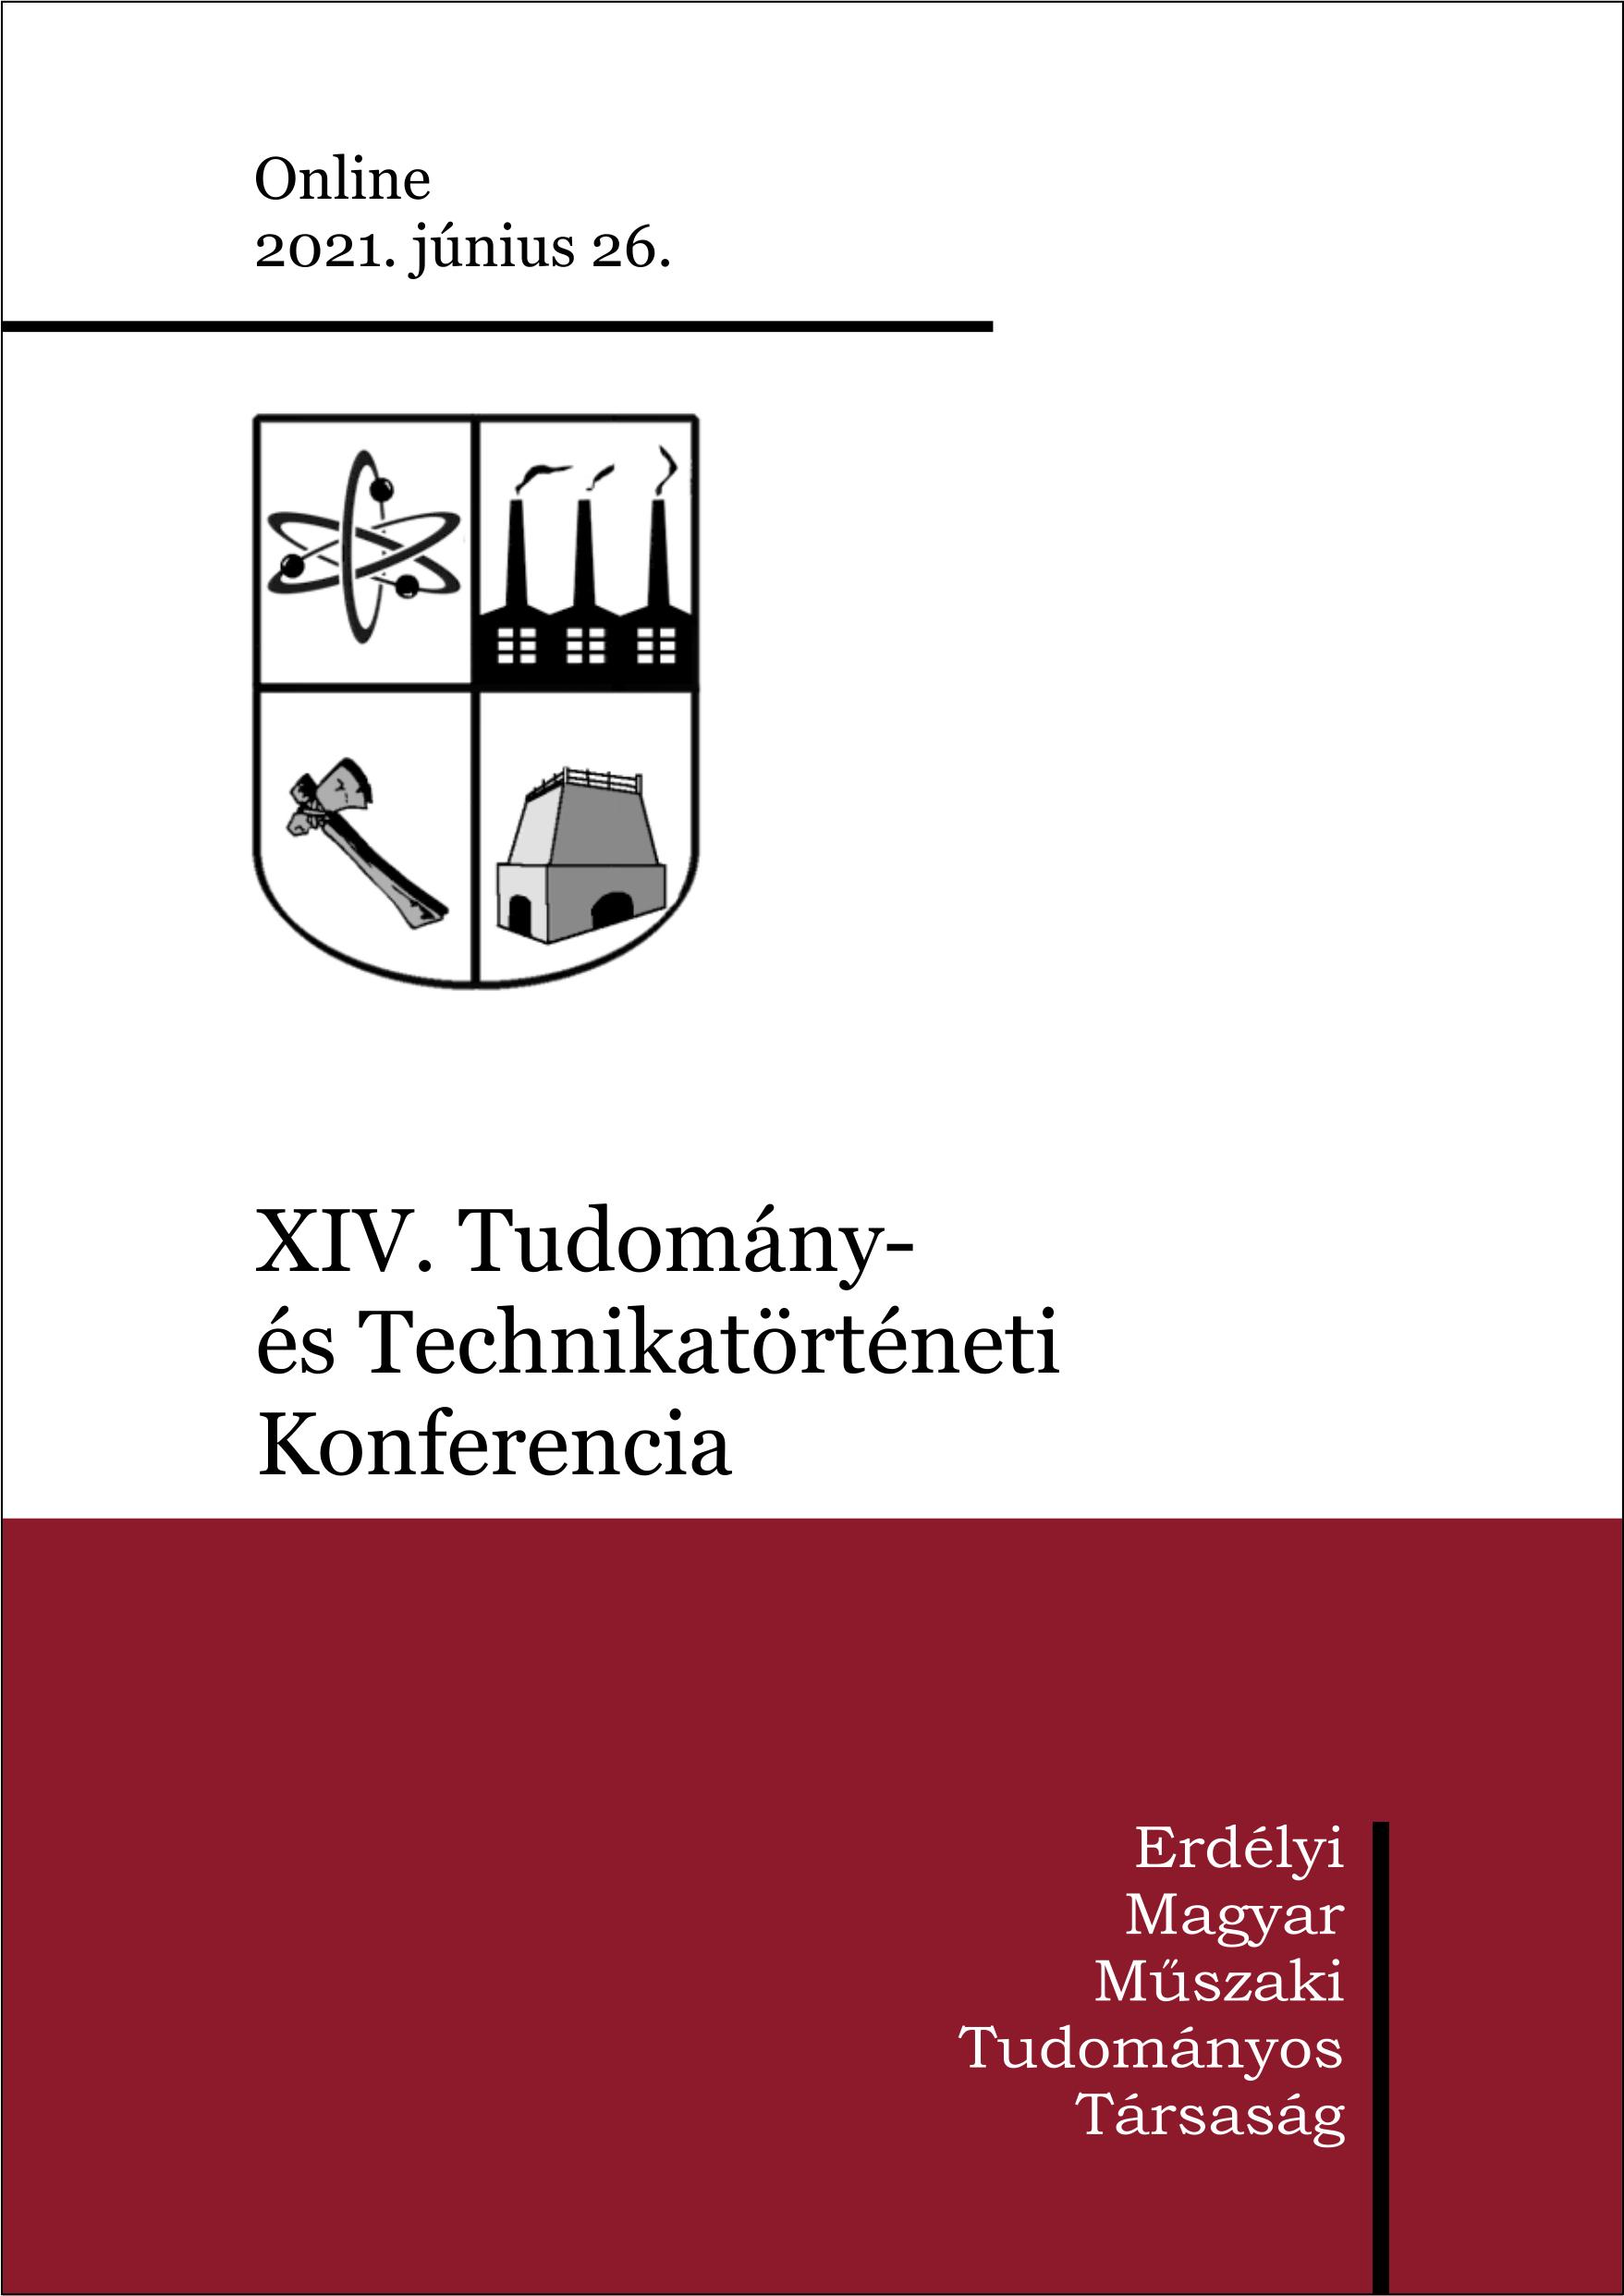 View XIV. Tudomány- és Technikatörténeti Online Konferencia